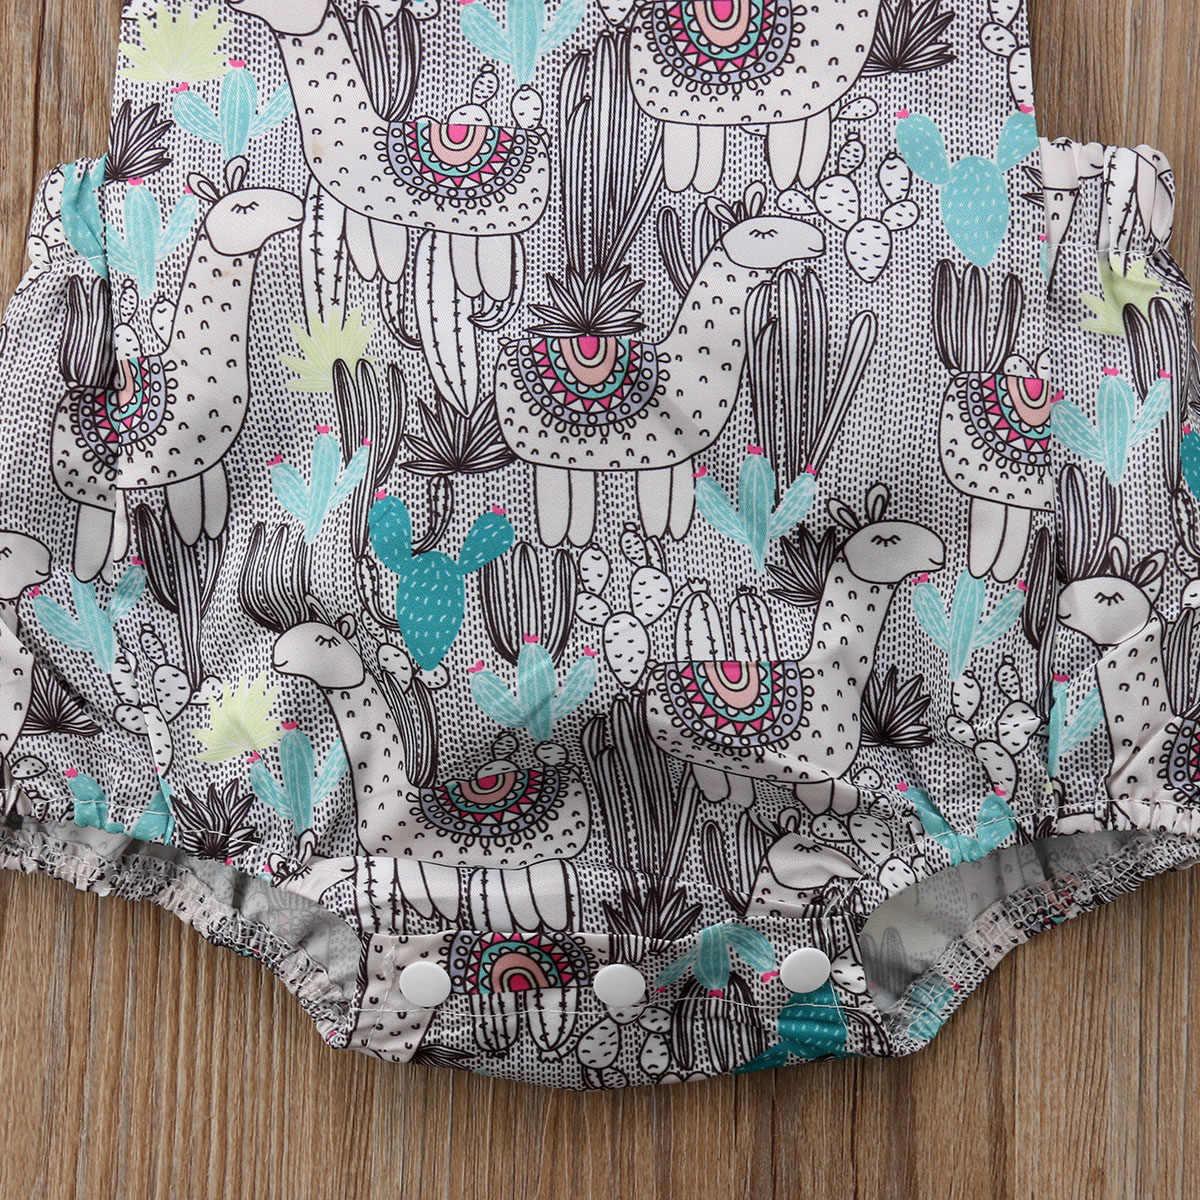 Одежда для новорожденных мальчиков от 0 до 24 месяцев, Летний милый комбинезон без рукавов с пуговицами и рисунком кактуса, комбинезон с принтом